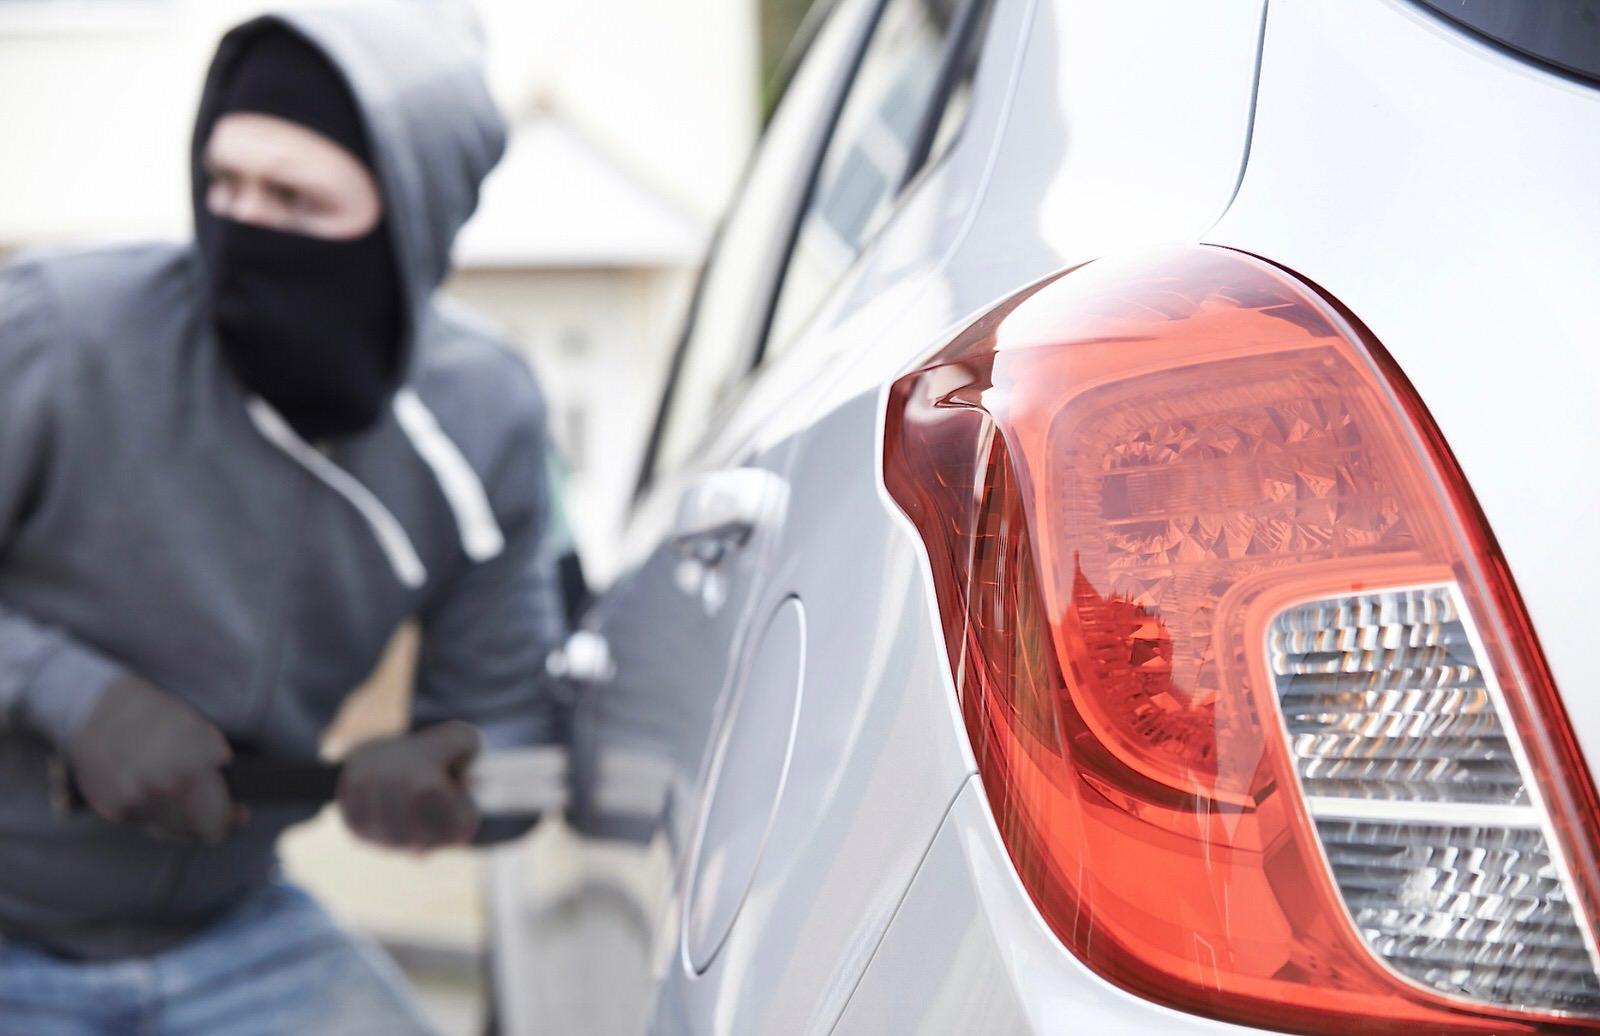 Come evitare il furto di auto? Sistemi e consigli per proteggere la macchina dai ladri